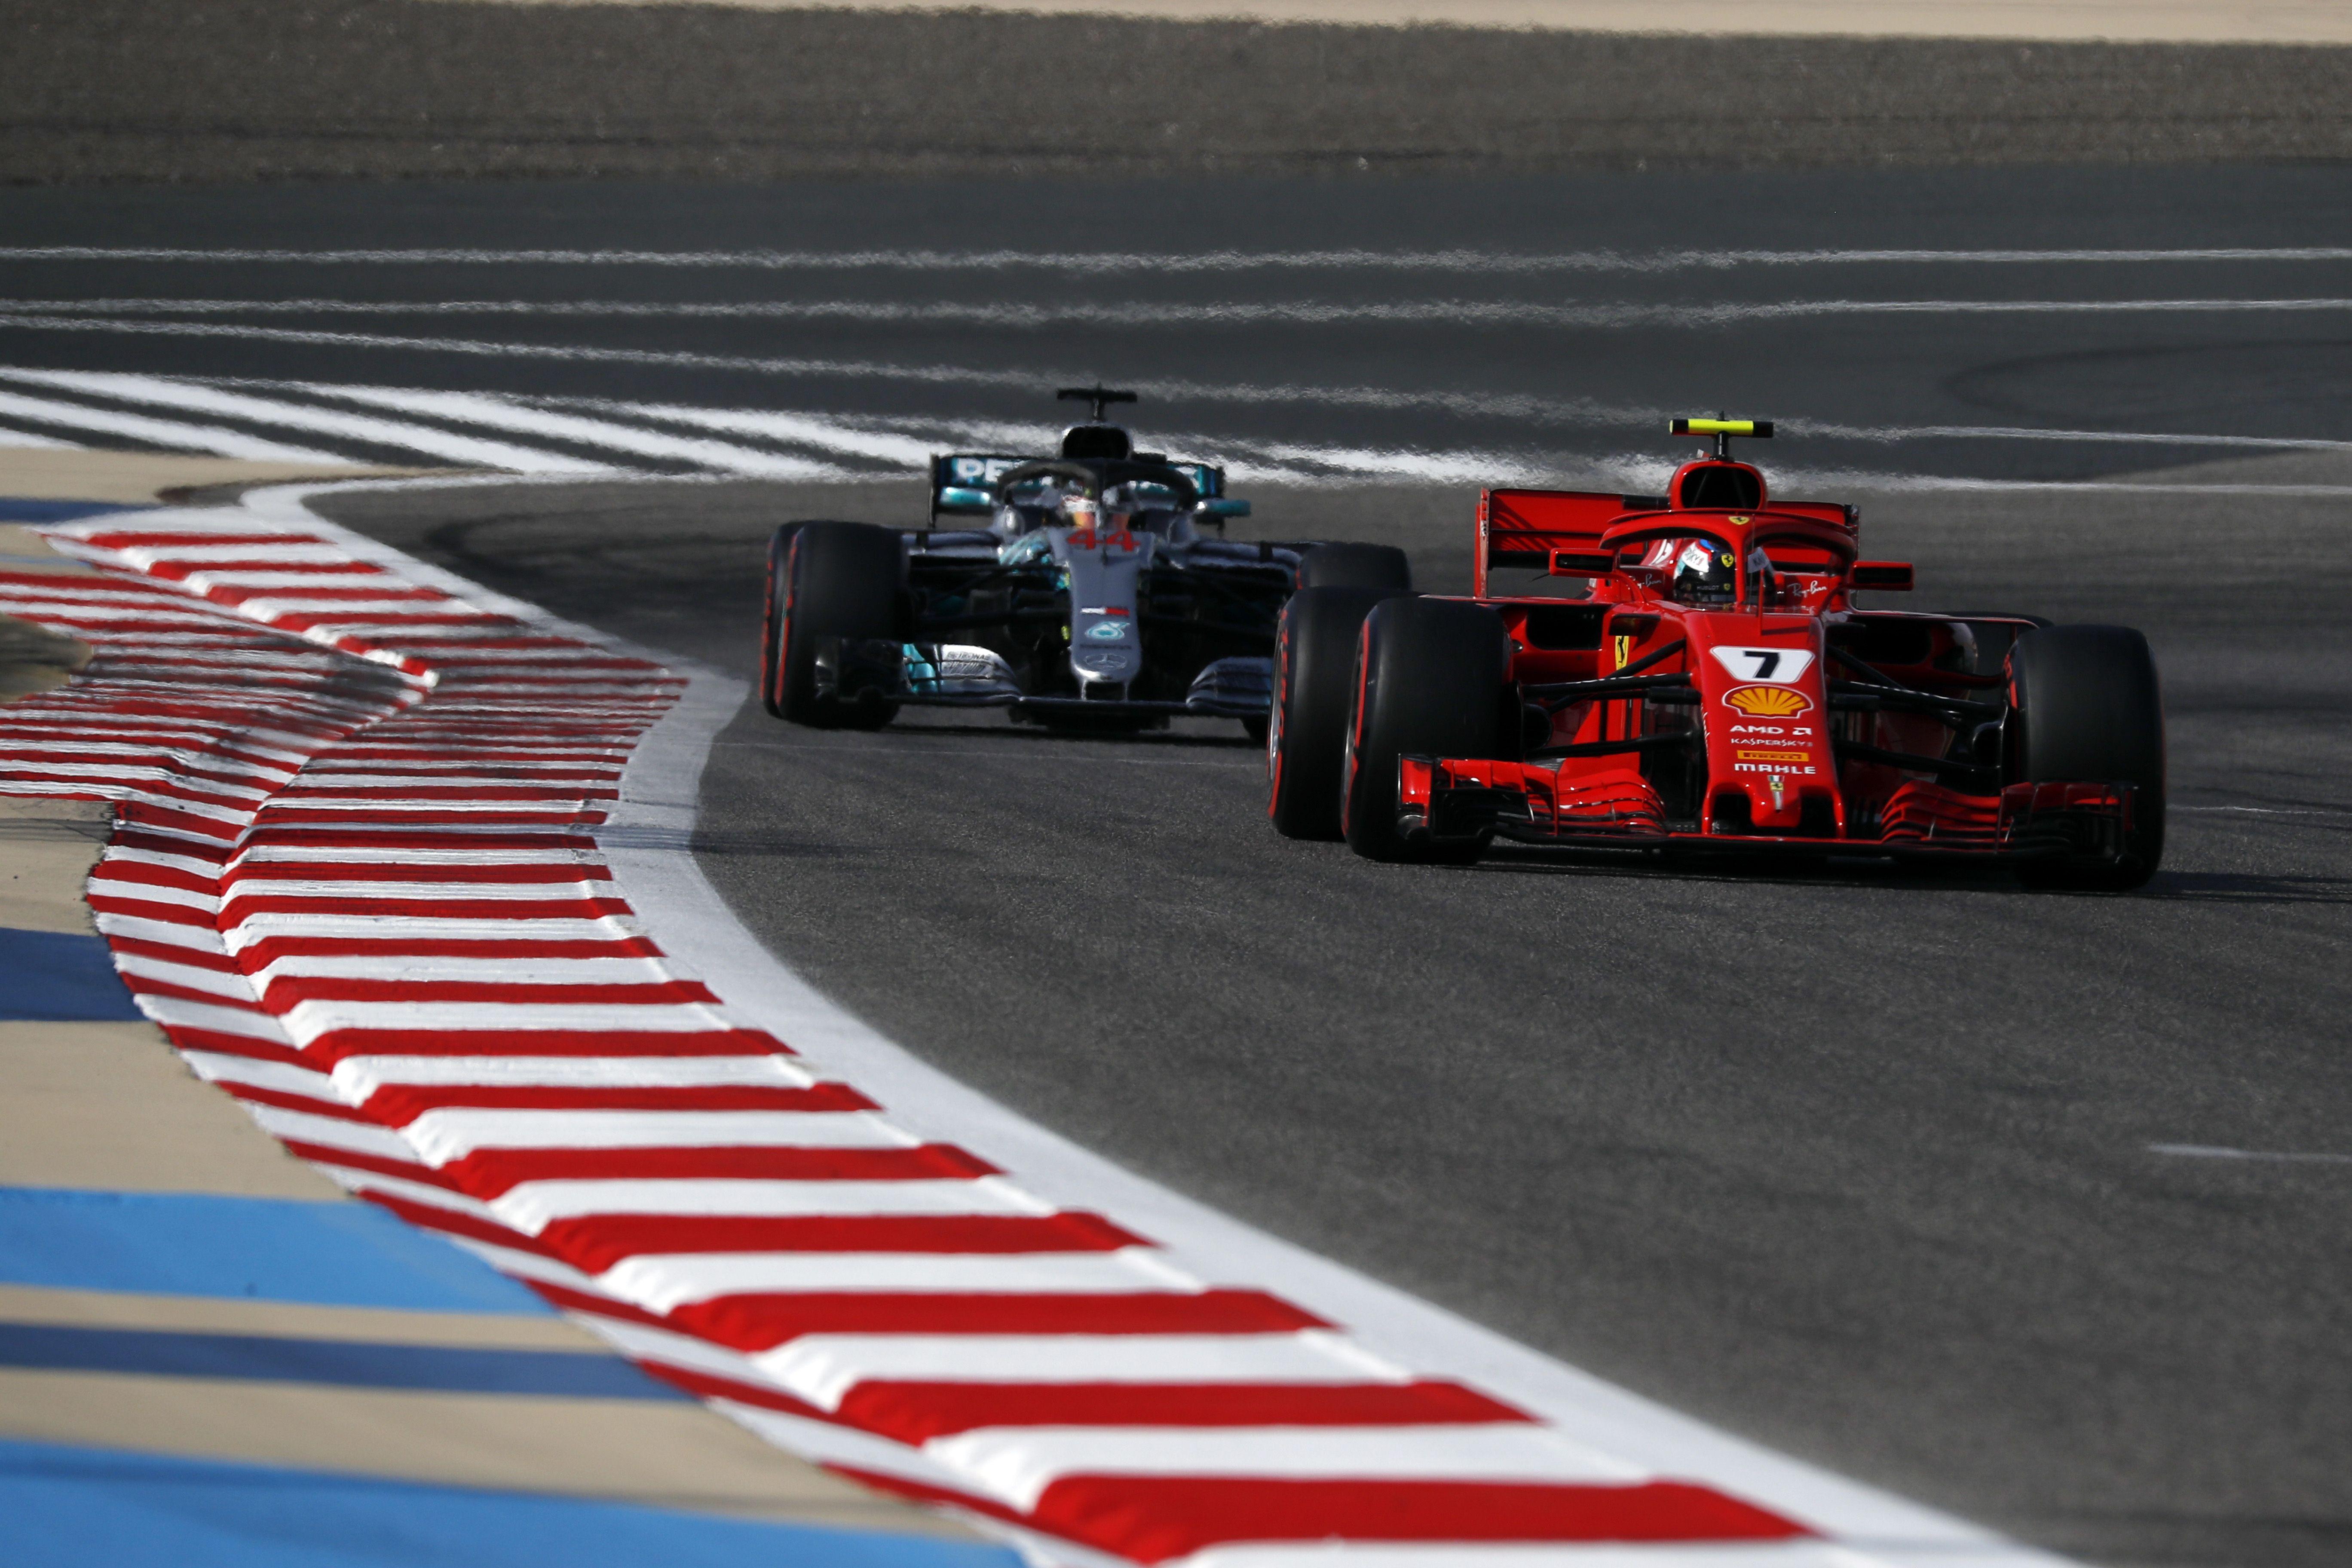 Ferrari F1 Wallpapers Wallpaper Cave